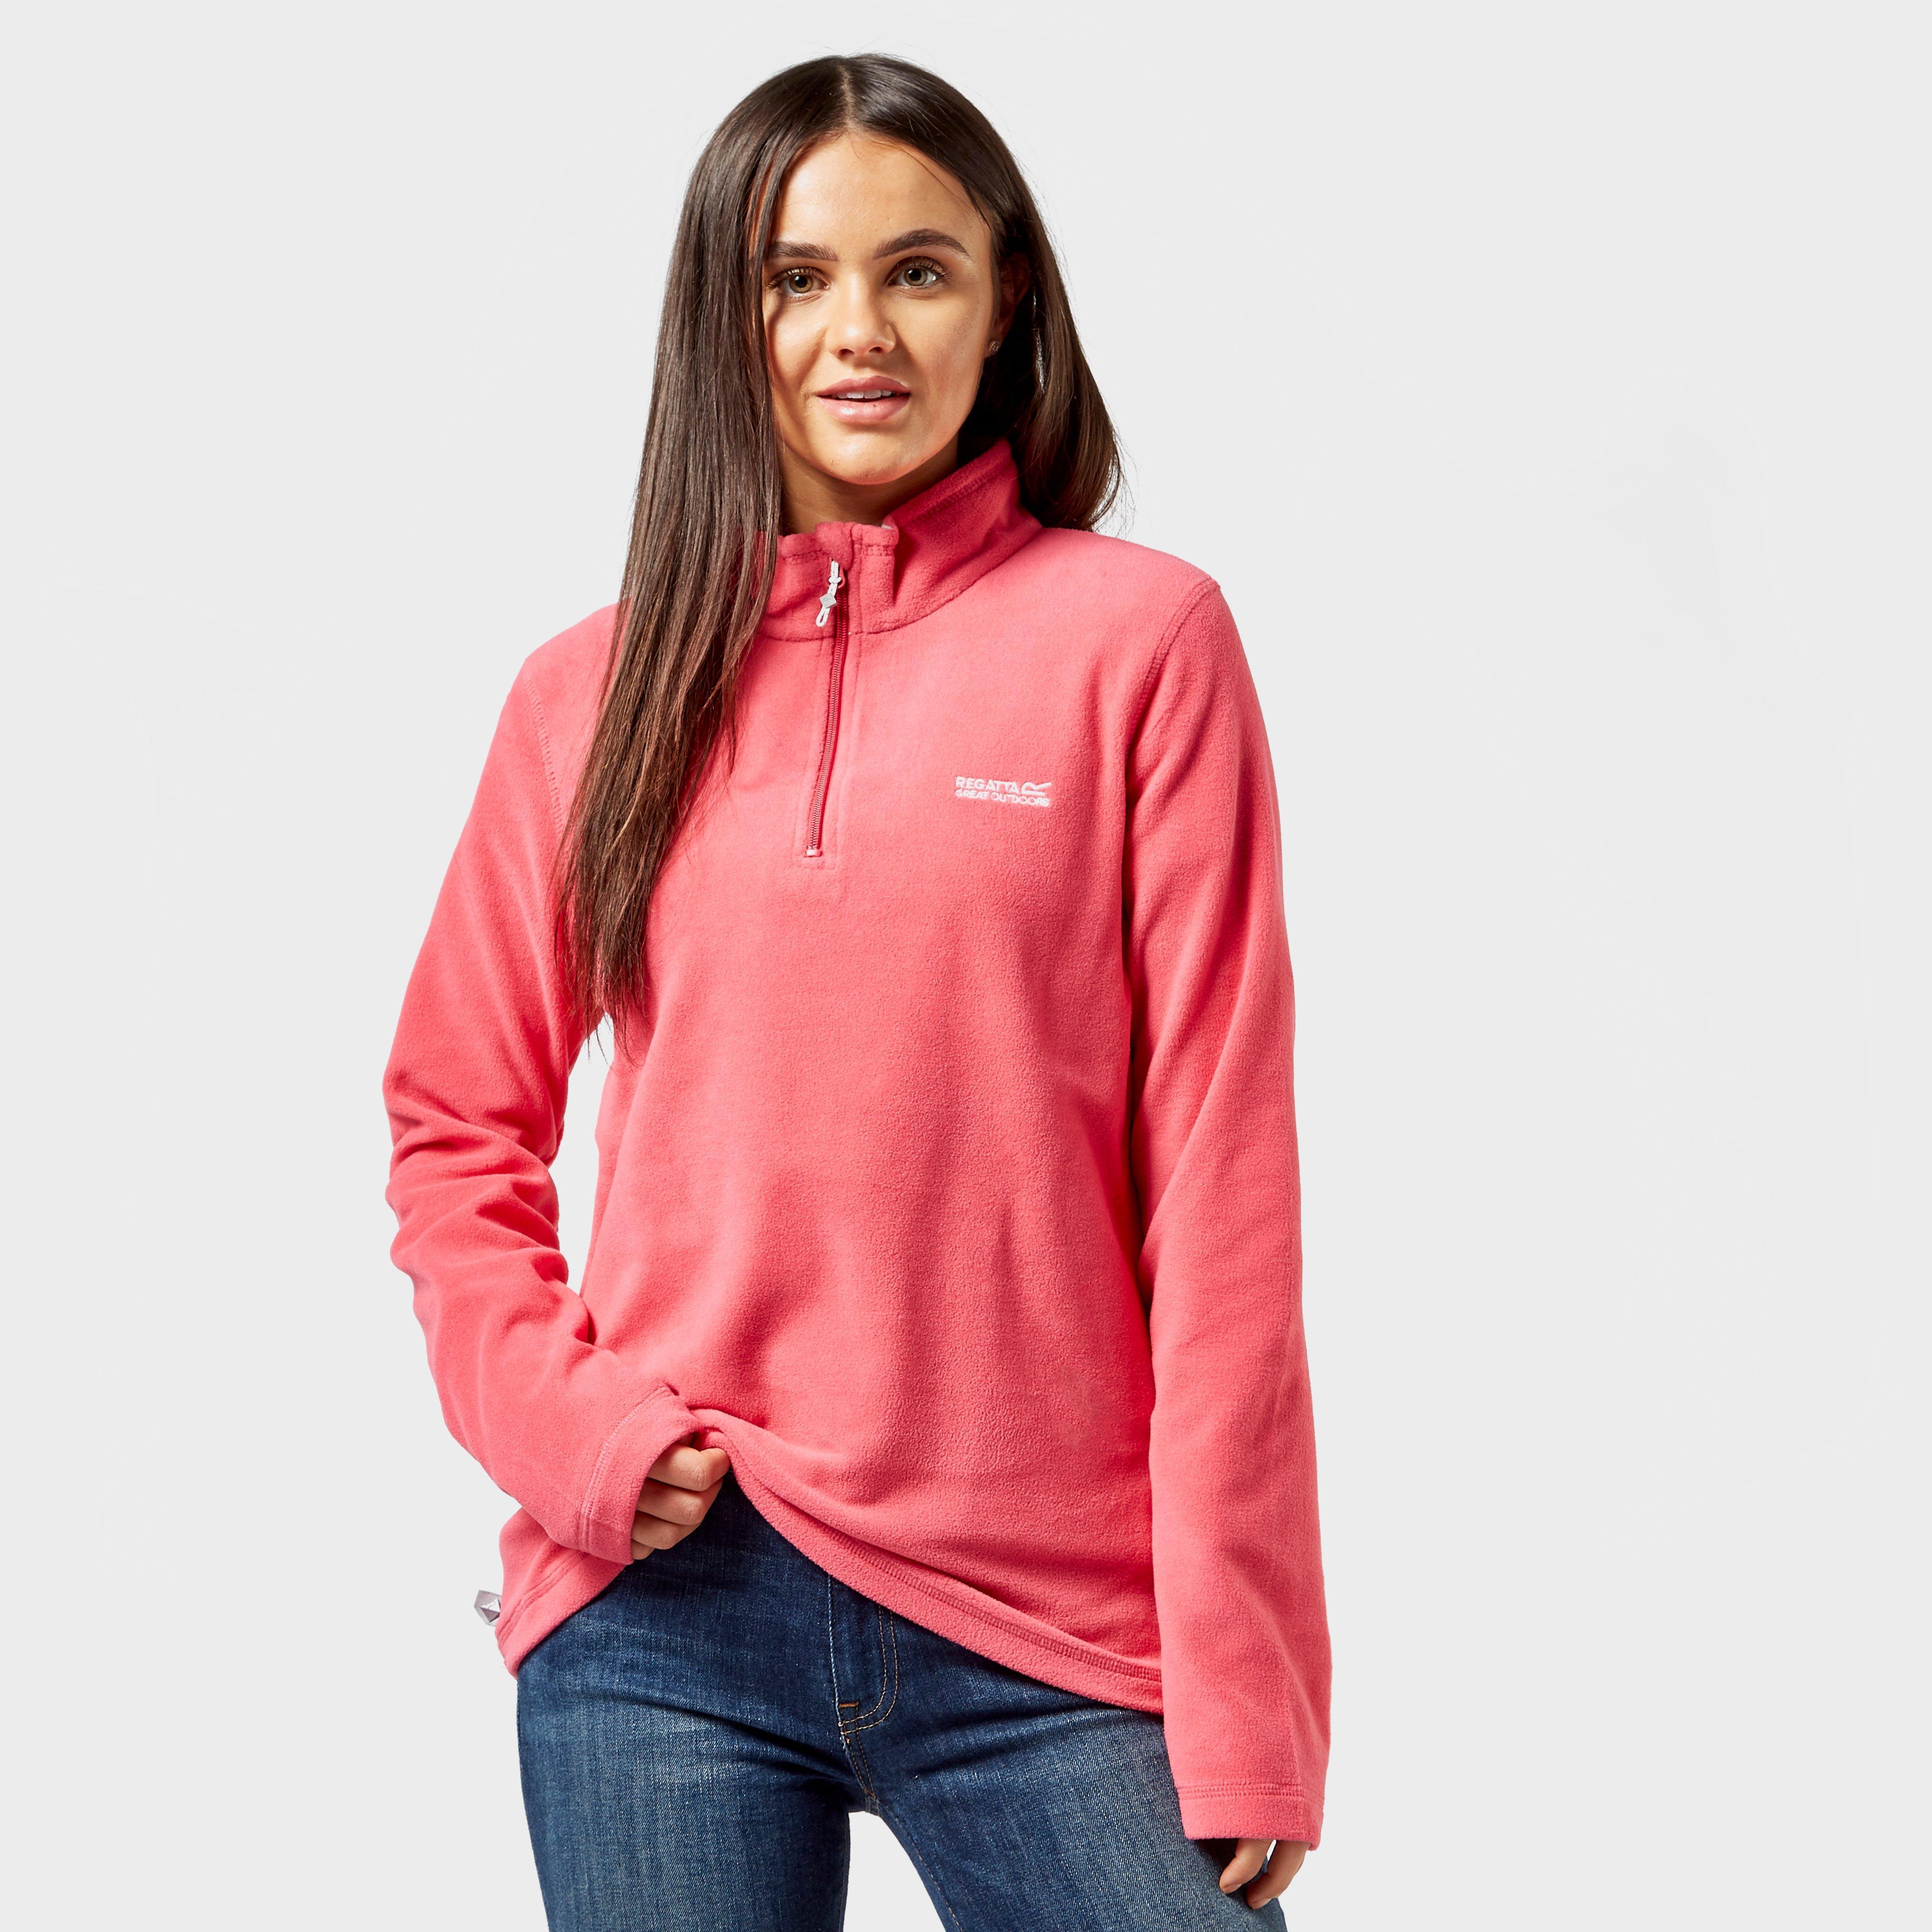 Regatta Regatta Womens Sweetheart Fleece - Pink, Pink